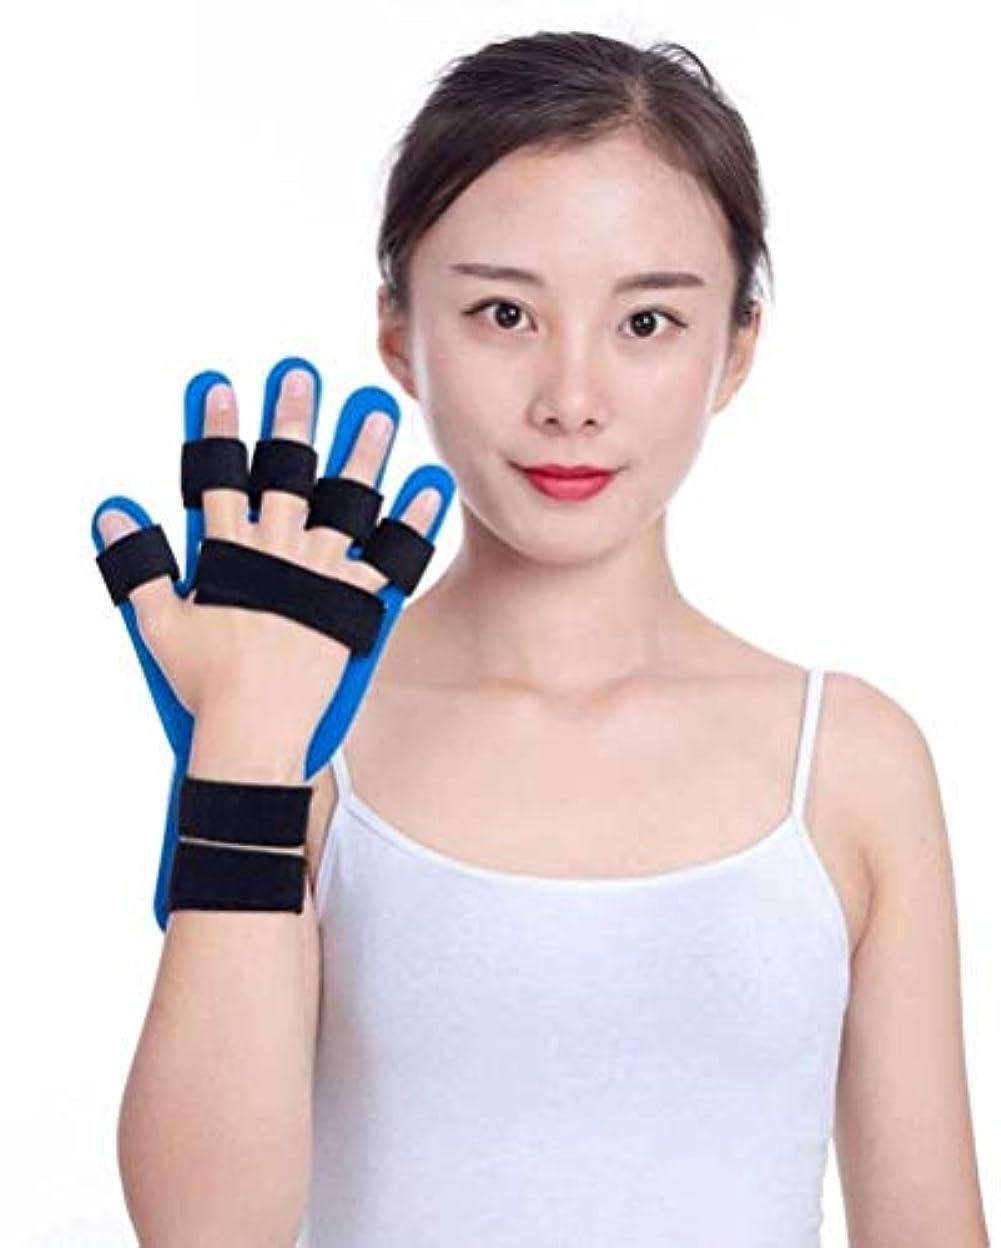 ヘクタール戸口豚脳卒中/片麻痺/外傷性脳損傷のためのスプリントブレースの手の手首のトレーニング装具の脳卒中リハビリテーション機器を指